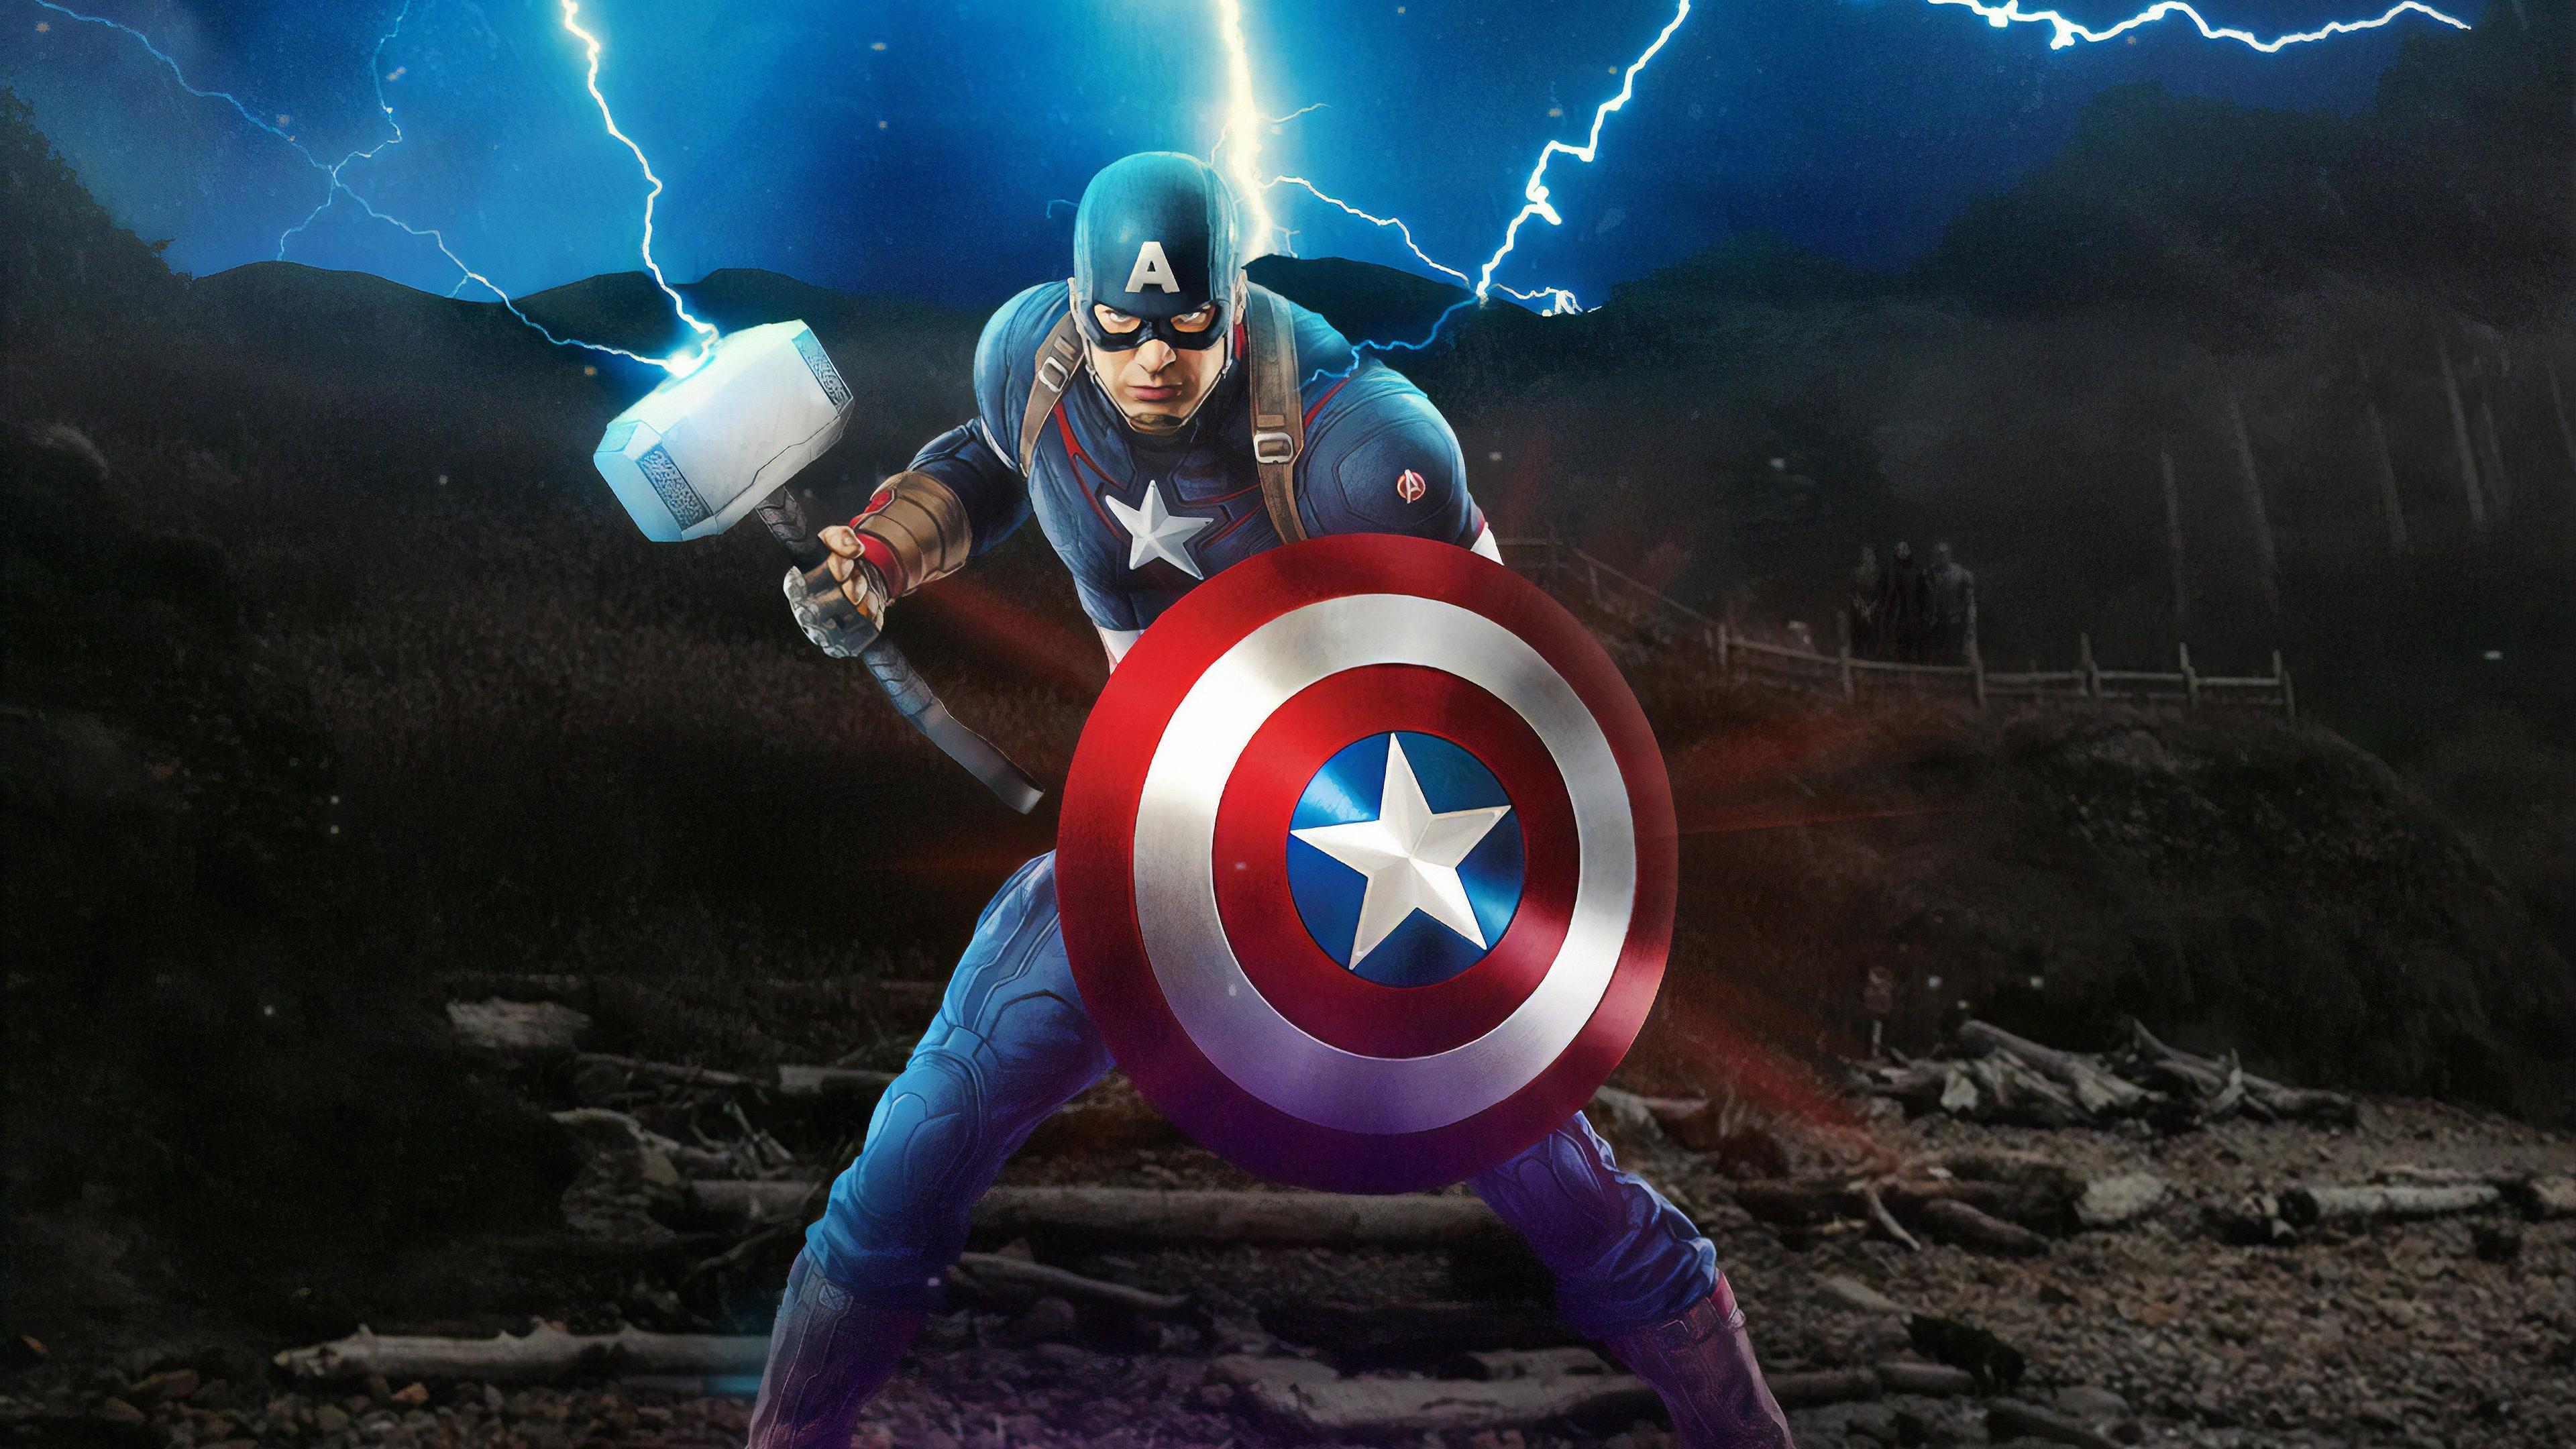 Captain America Mjolnir Avengers Endgame 4k Artwork Hd